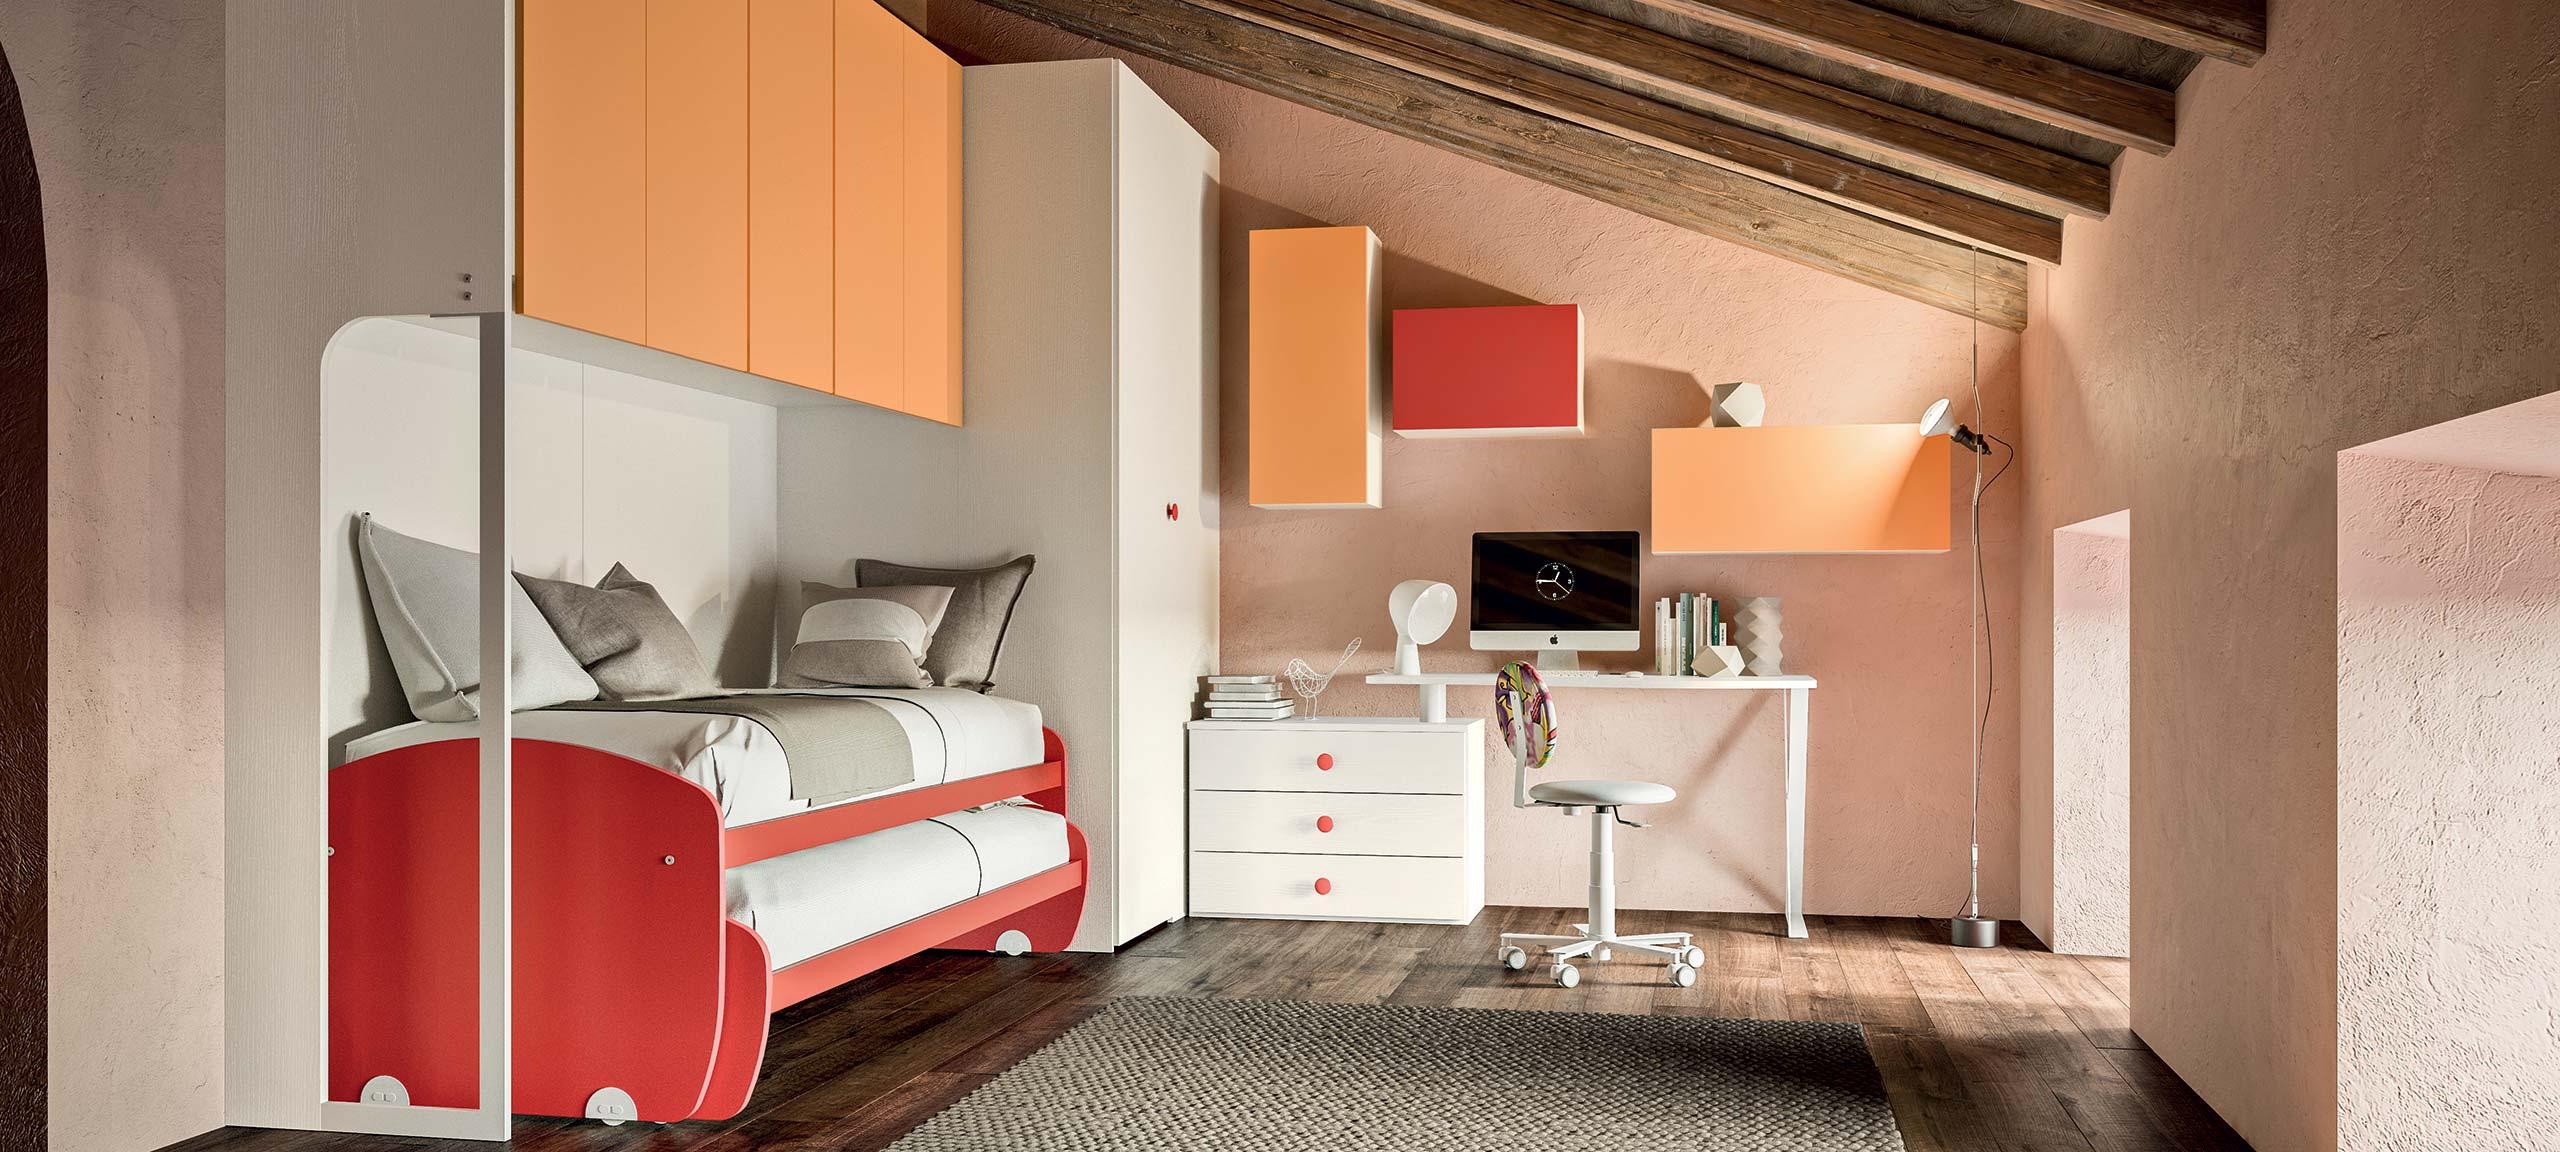 Camerette A Ponte Con 3 Letti.Camerette Con Letti A Ponte Mab Home Furniture